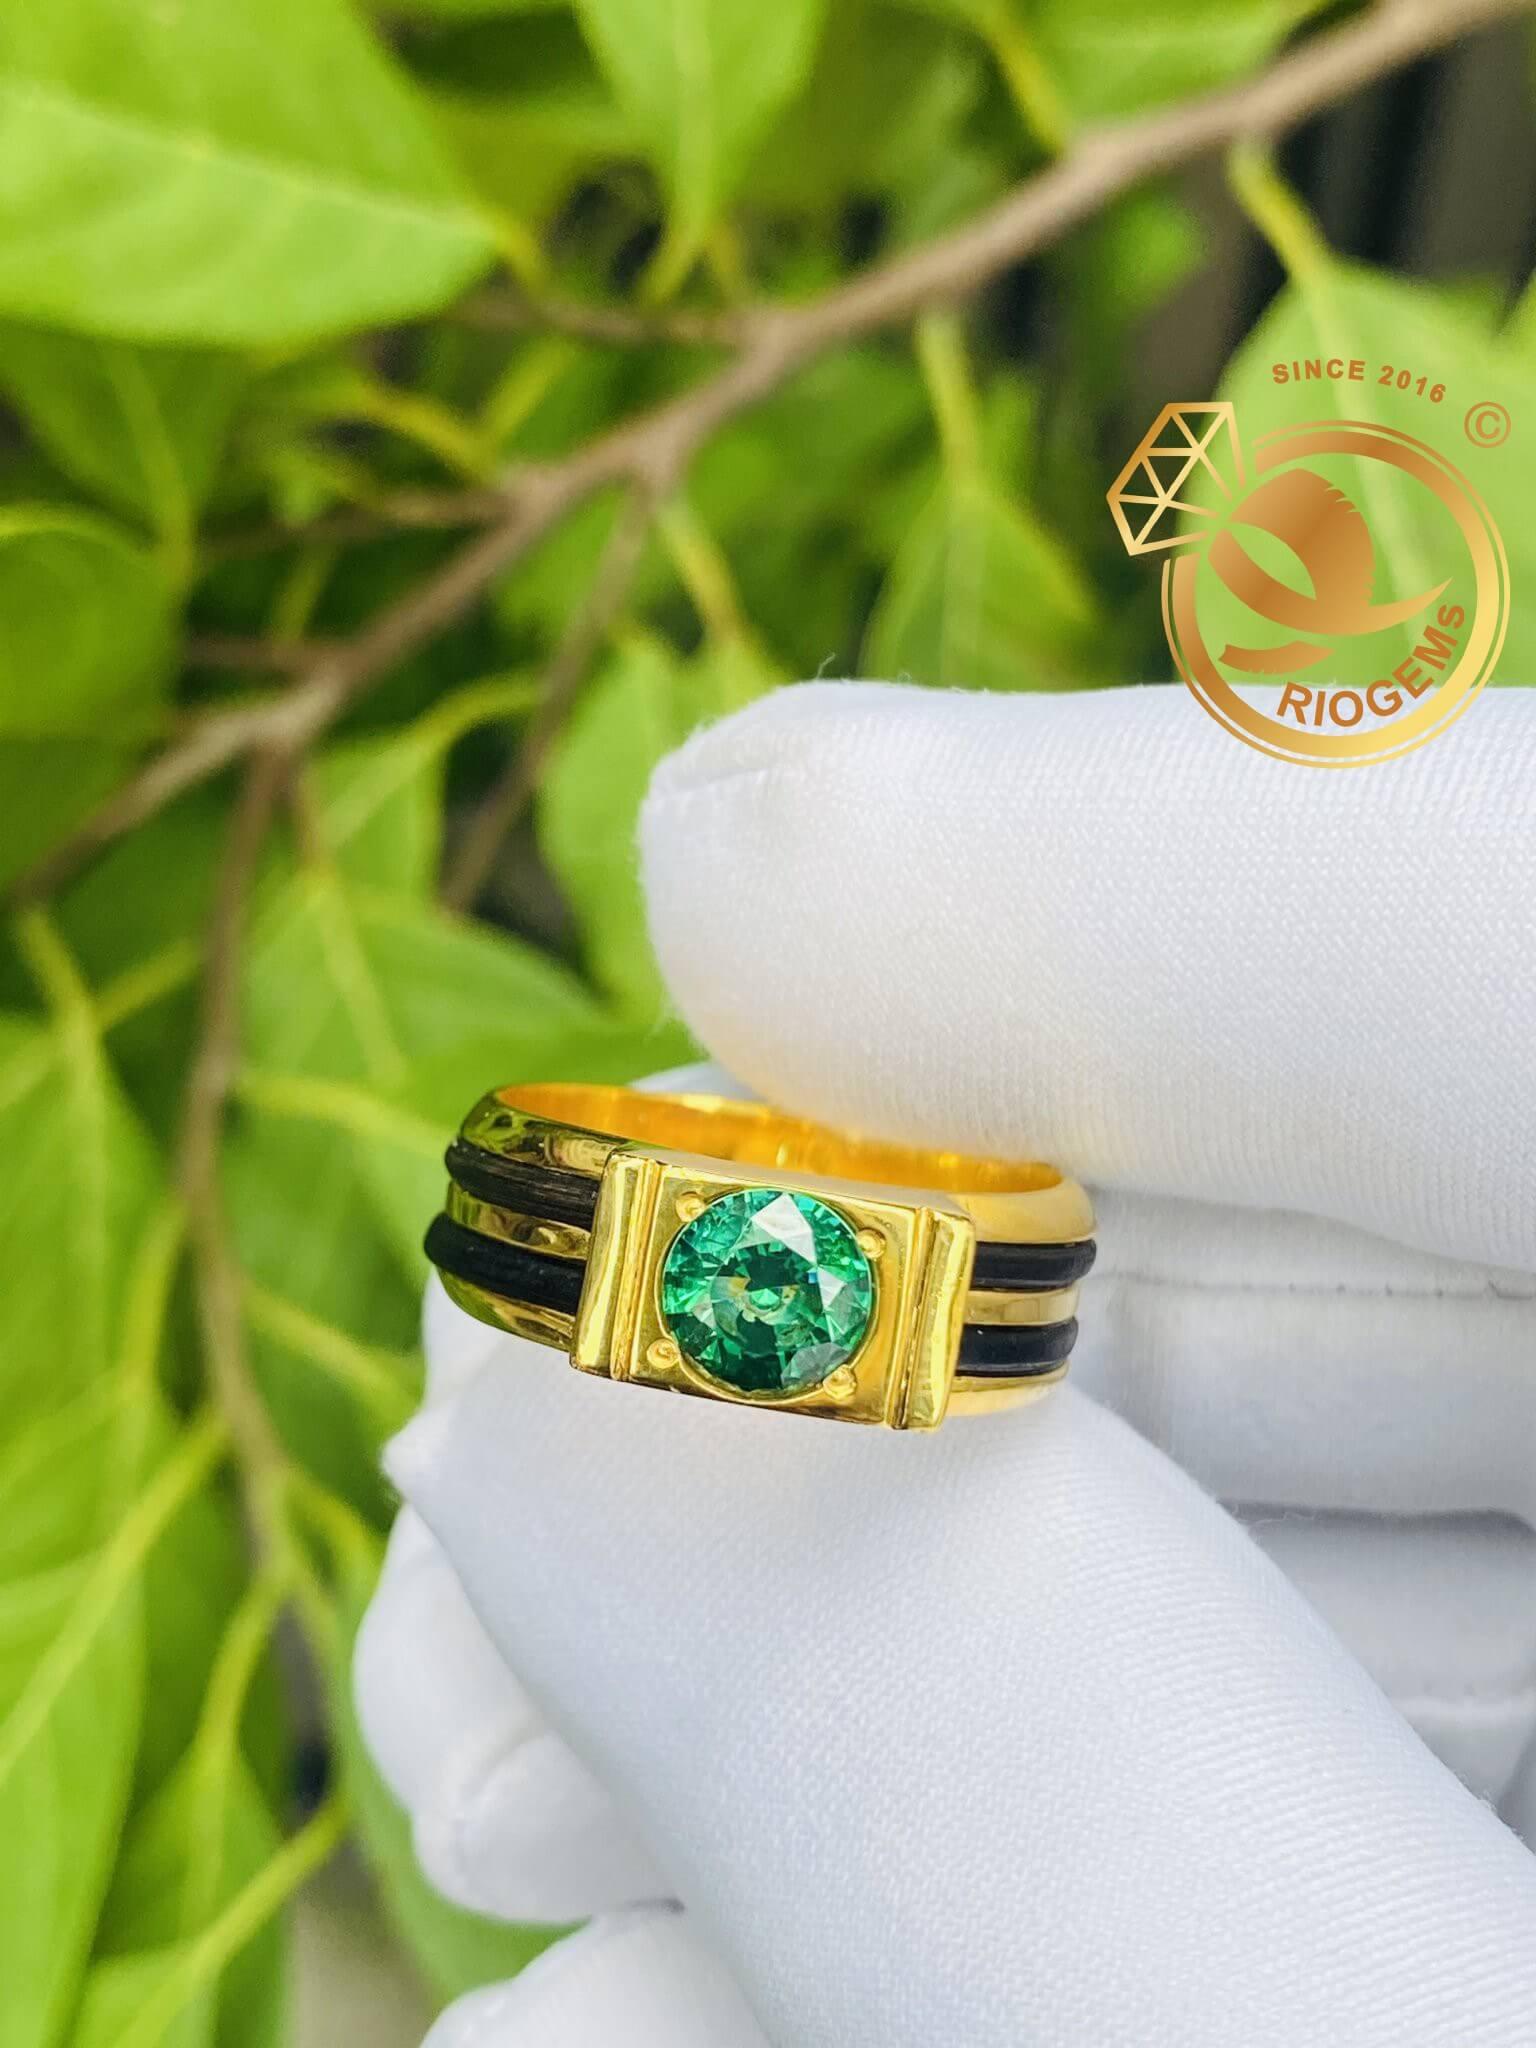 Nhẫn nam hình thỏi vàng VÀNG 18K đính đá Cz xanh lá 2 đường kẻ lông voi (lông FAKE) Riogems